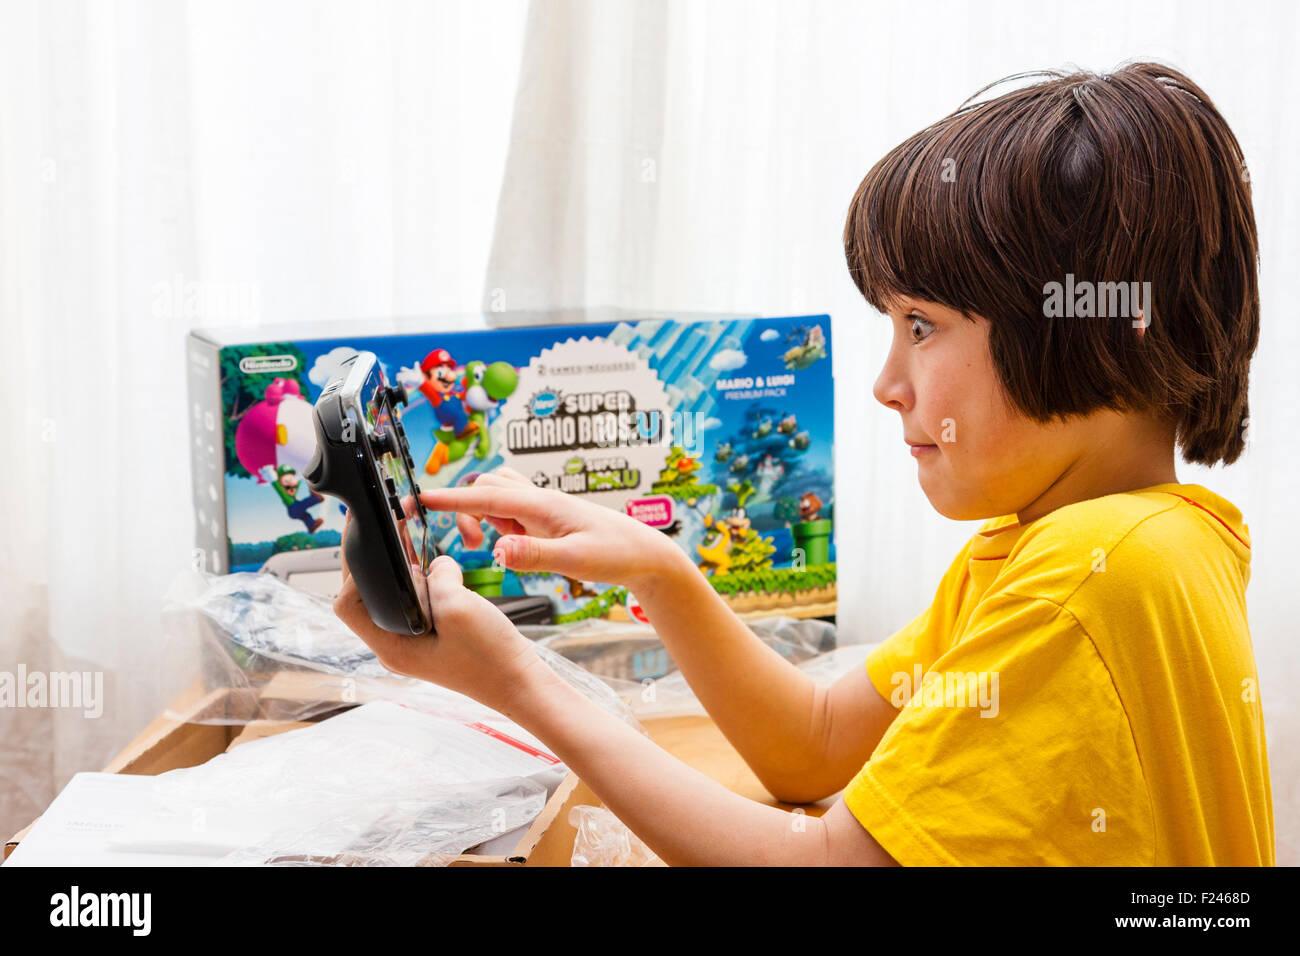 Hijo varón caucásico, muchacho, 11-13 años, sosteniendo en ambas manos una consola Nintendo Wii U justo después de sacarlo de la caja, que está junto a él. Foto de stock